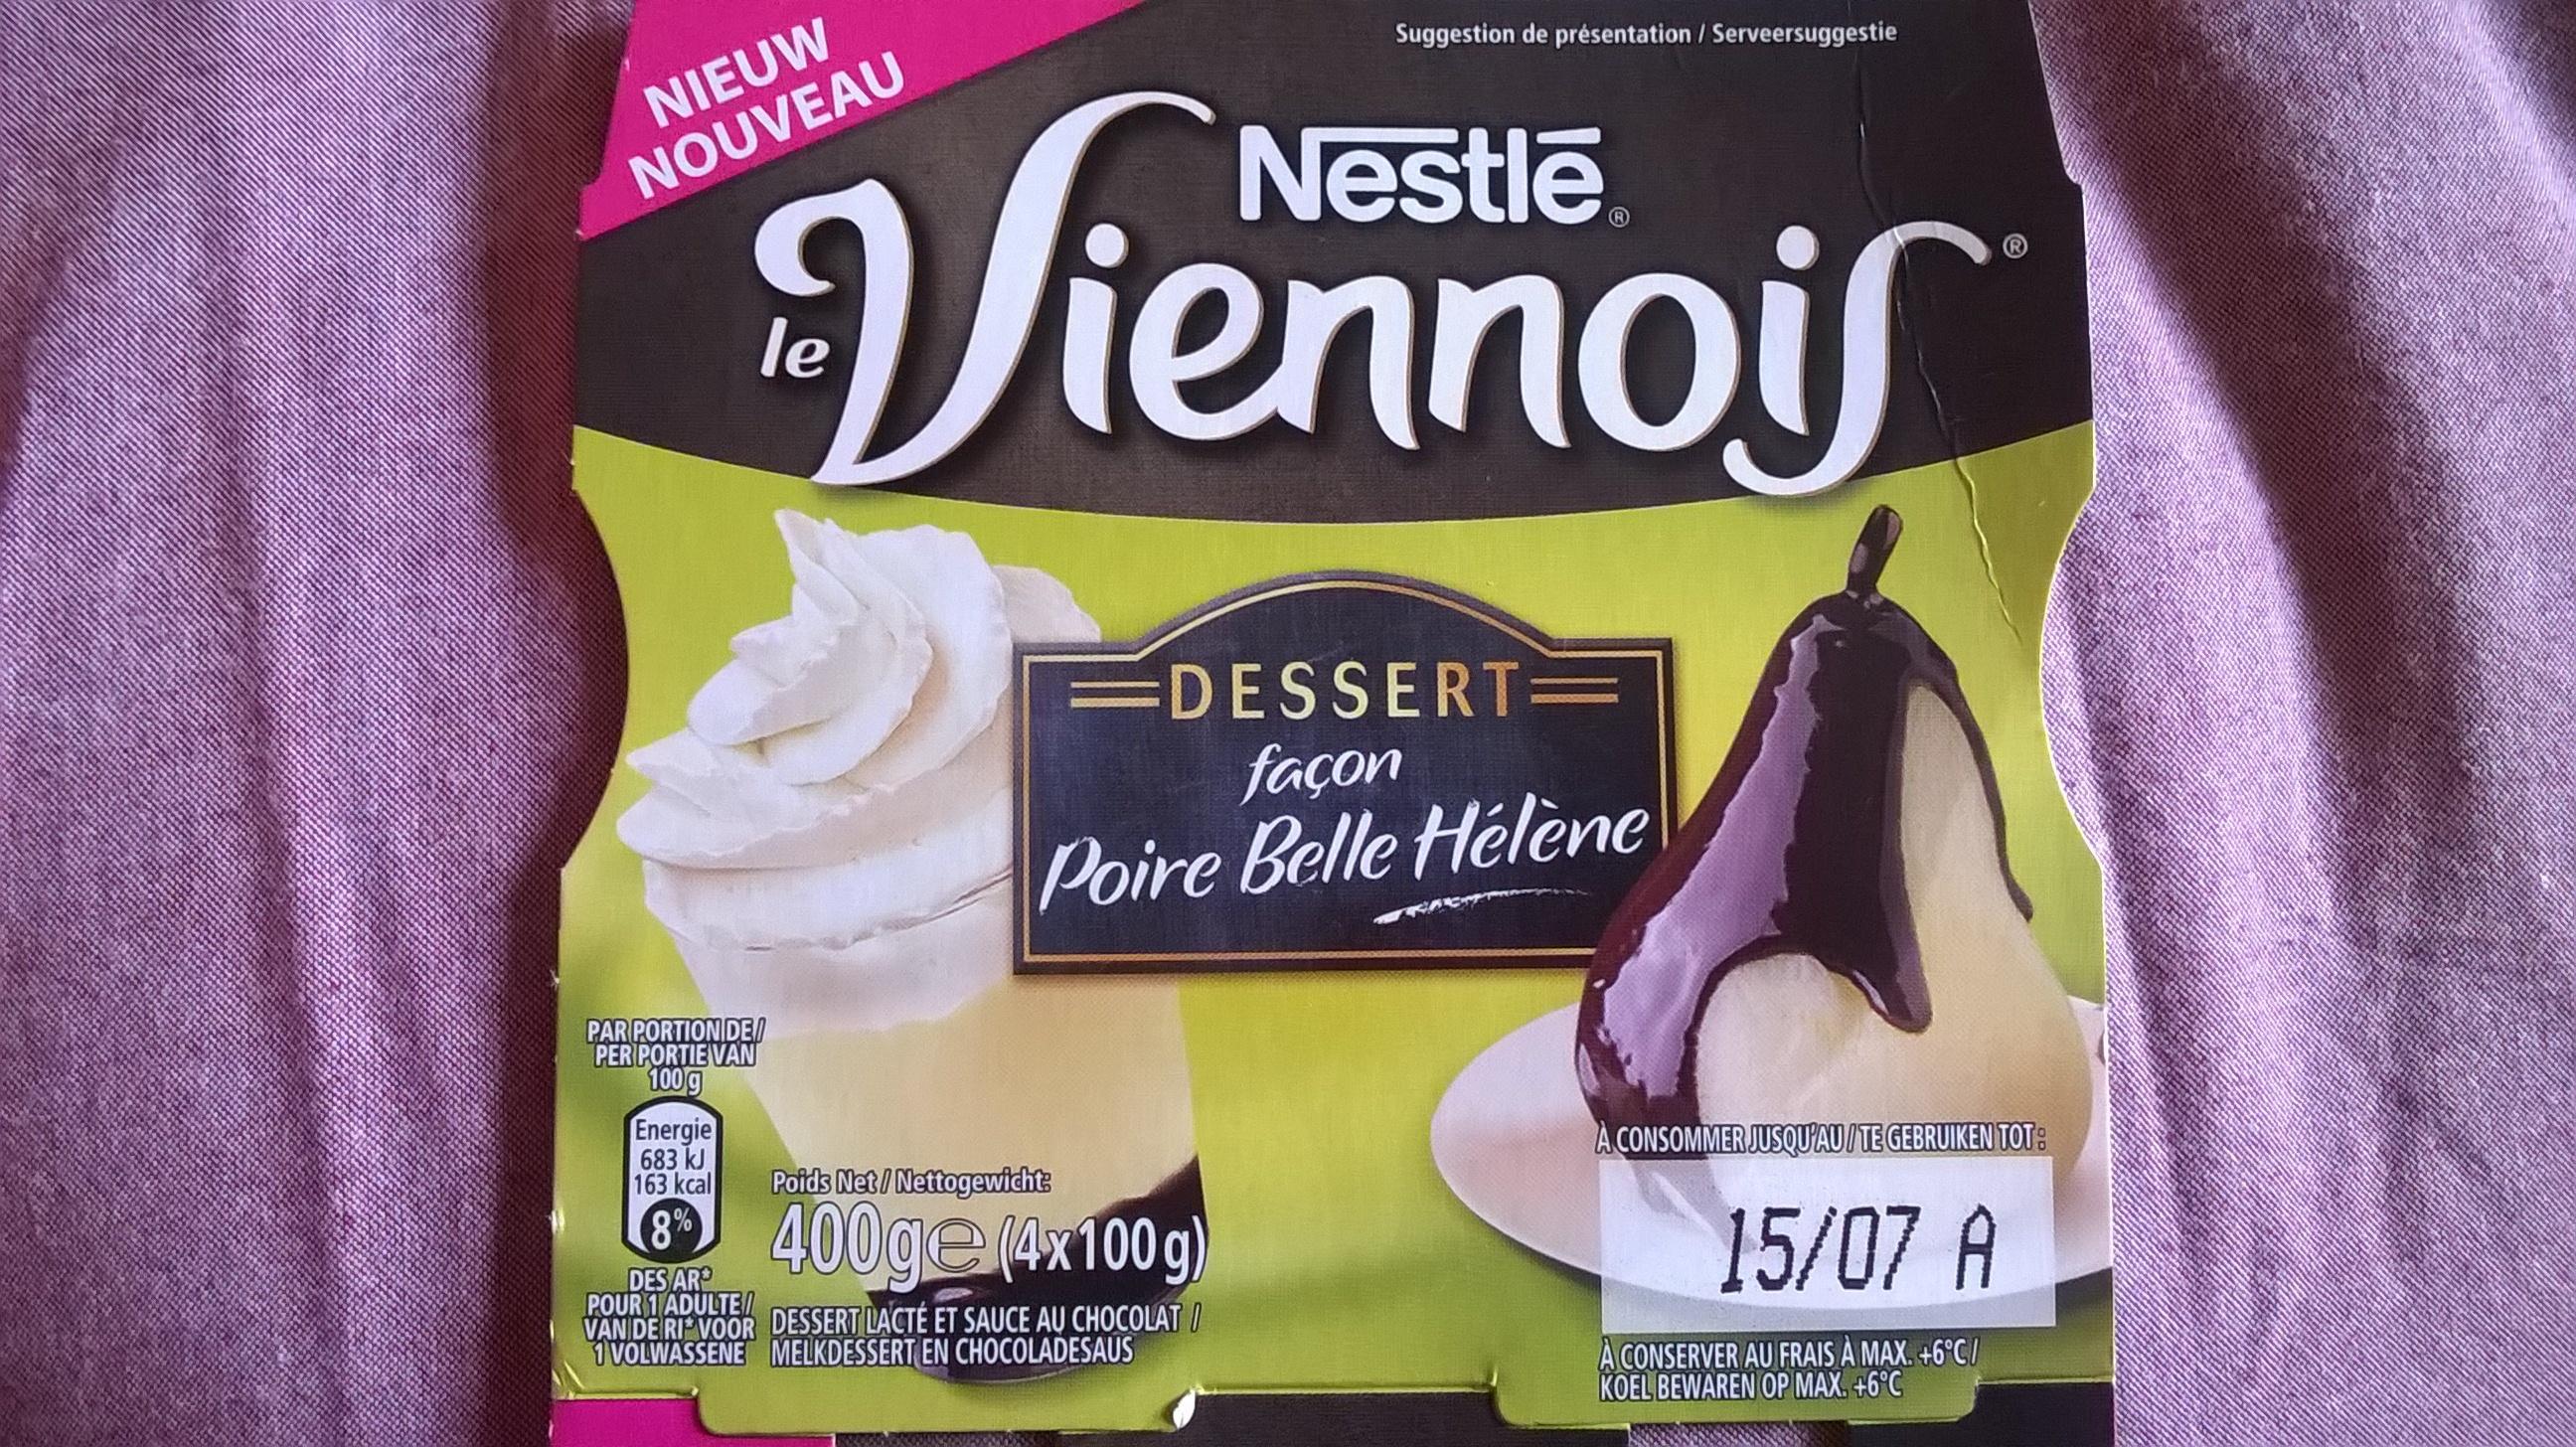 Le Viennois dessert façon Poire Belle Hélène - Nestlé